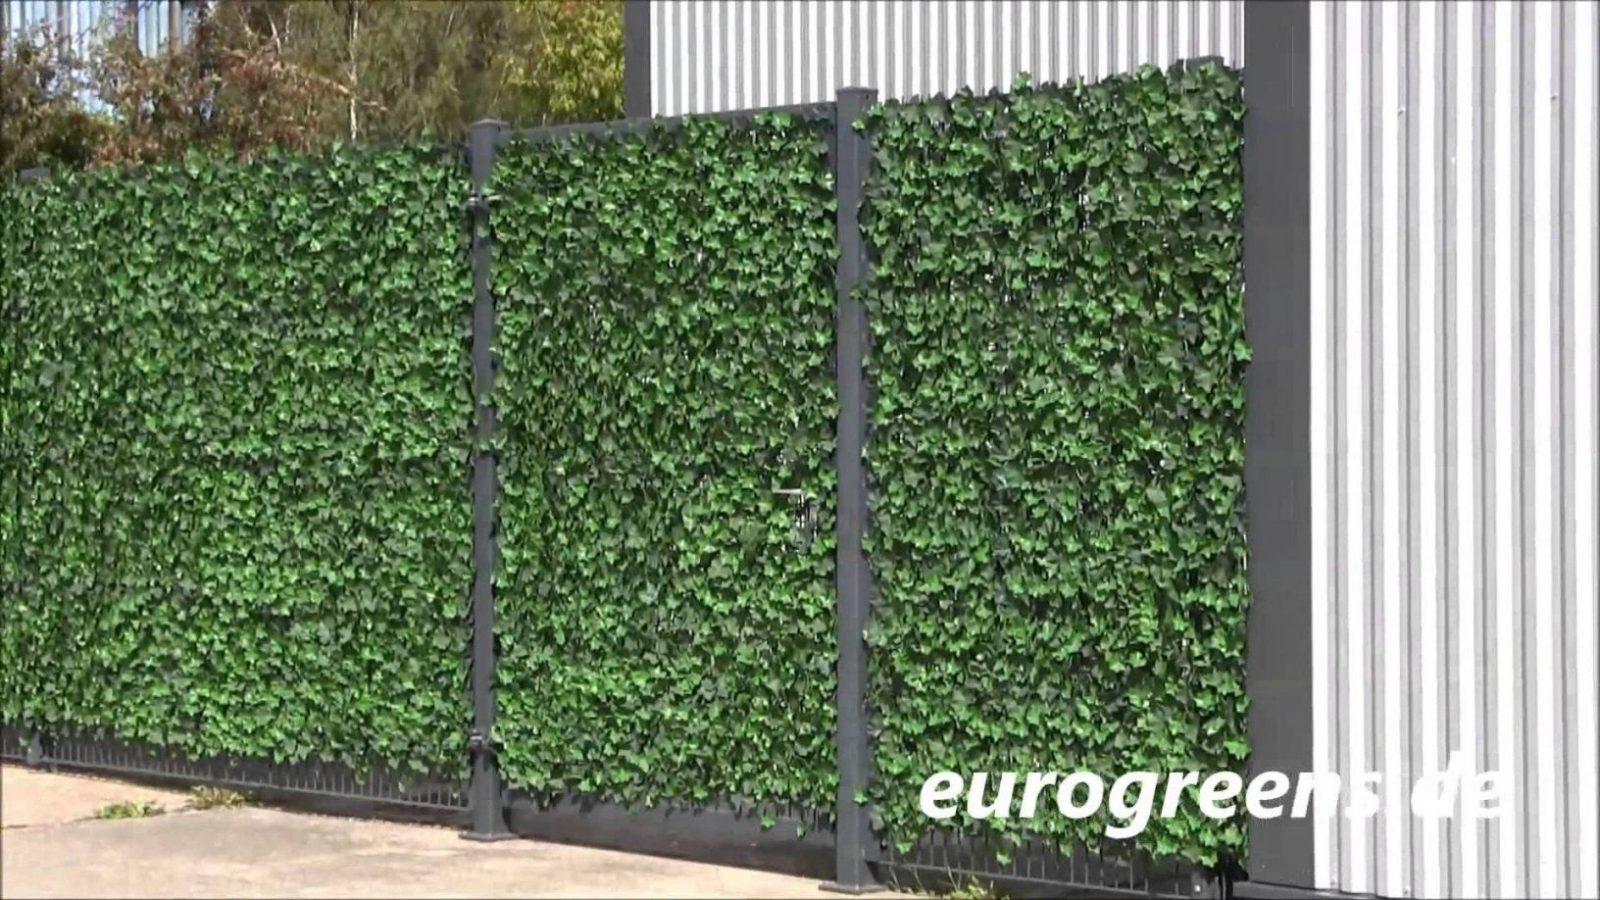 Eurogreens Kunstpflanzen Efeuhecke  Youtube von Hecke Am Laufenden Meter Selber Machen Bild